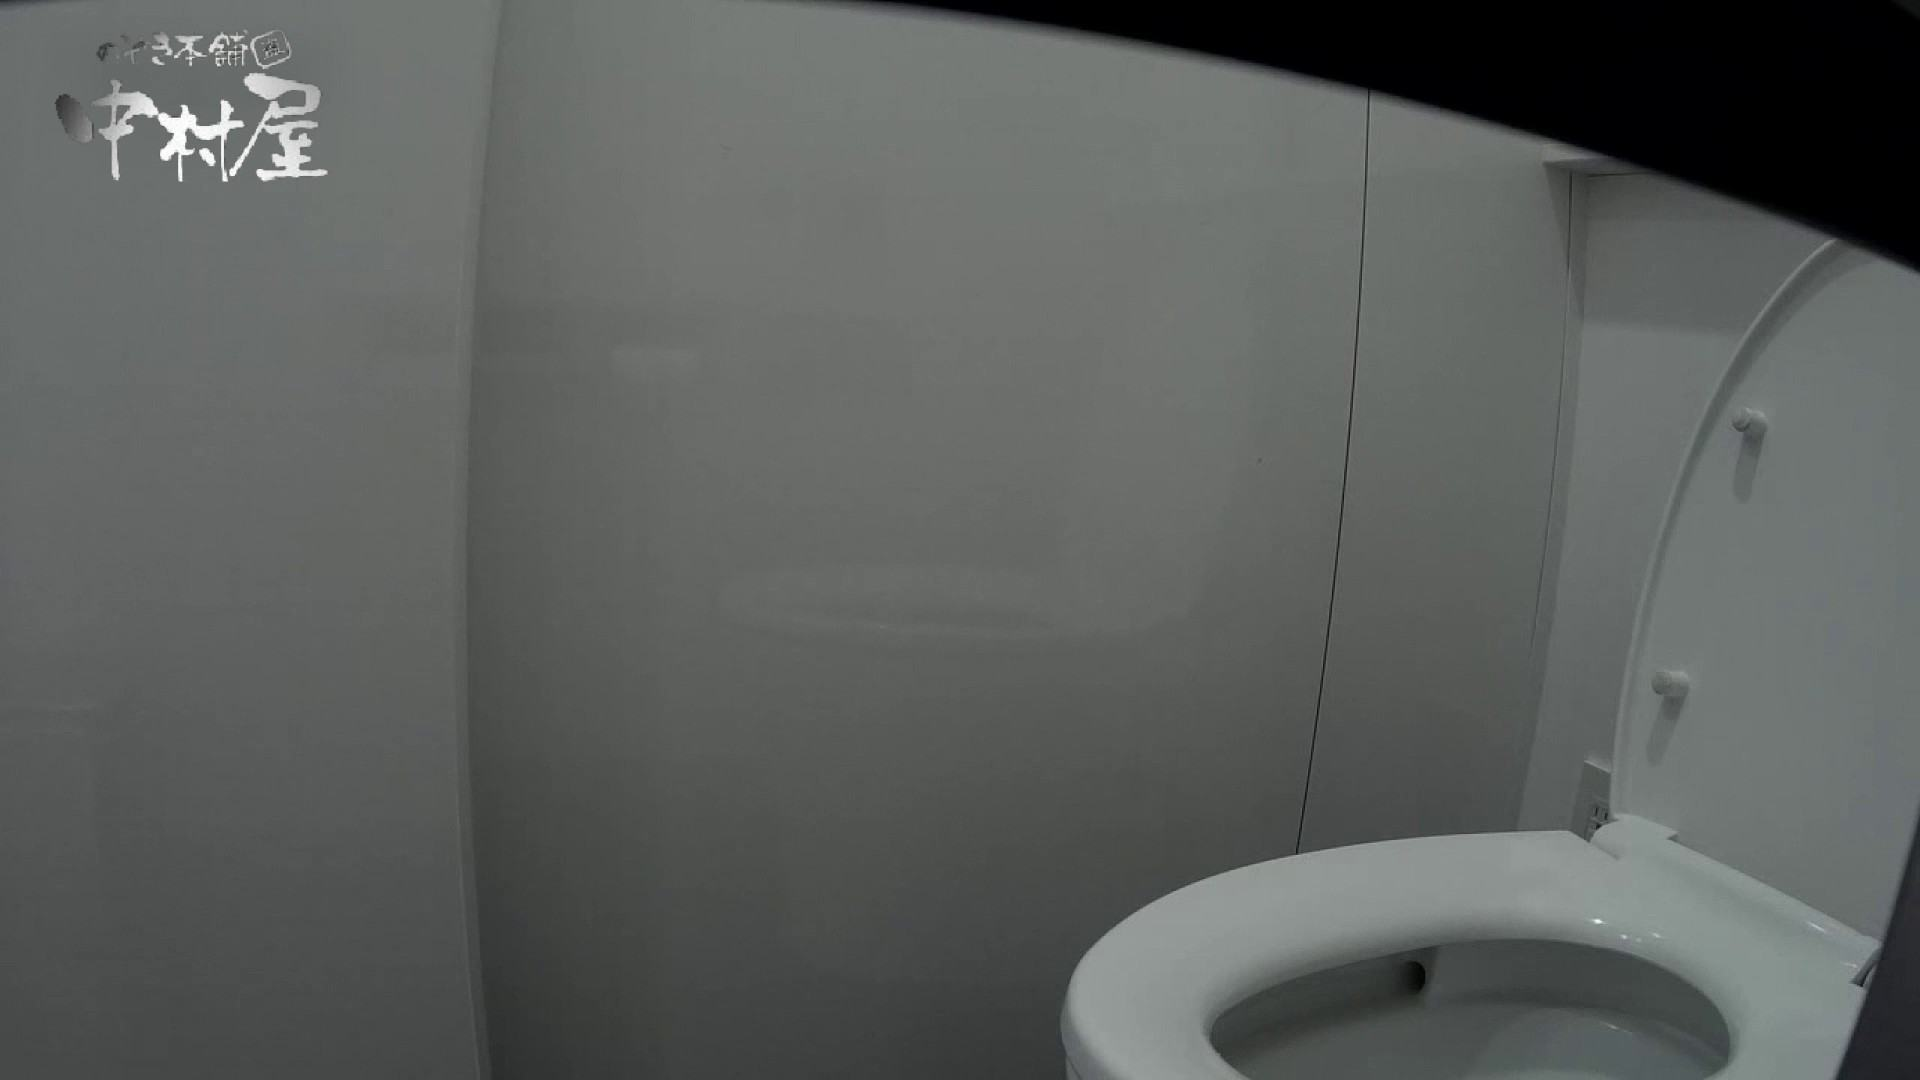 有名大学女性洗面所 vol.57 S級美女マルチアングル撮り!! 和式  53連発 1